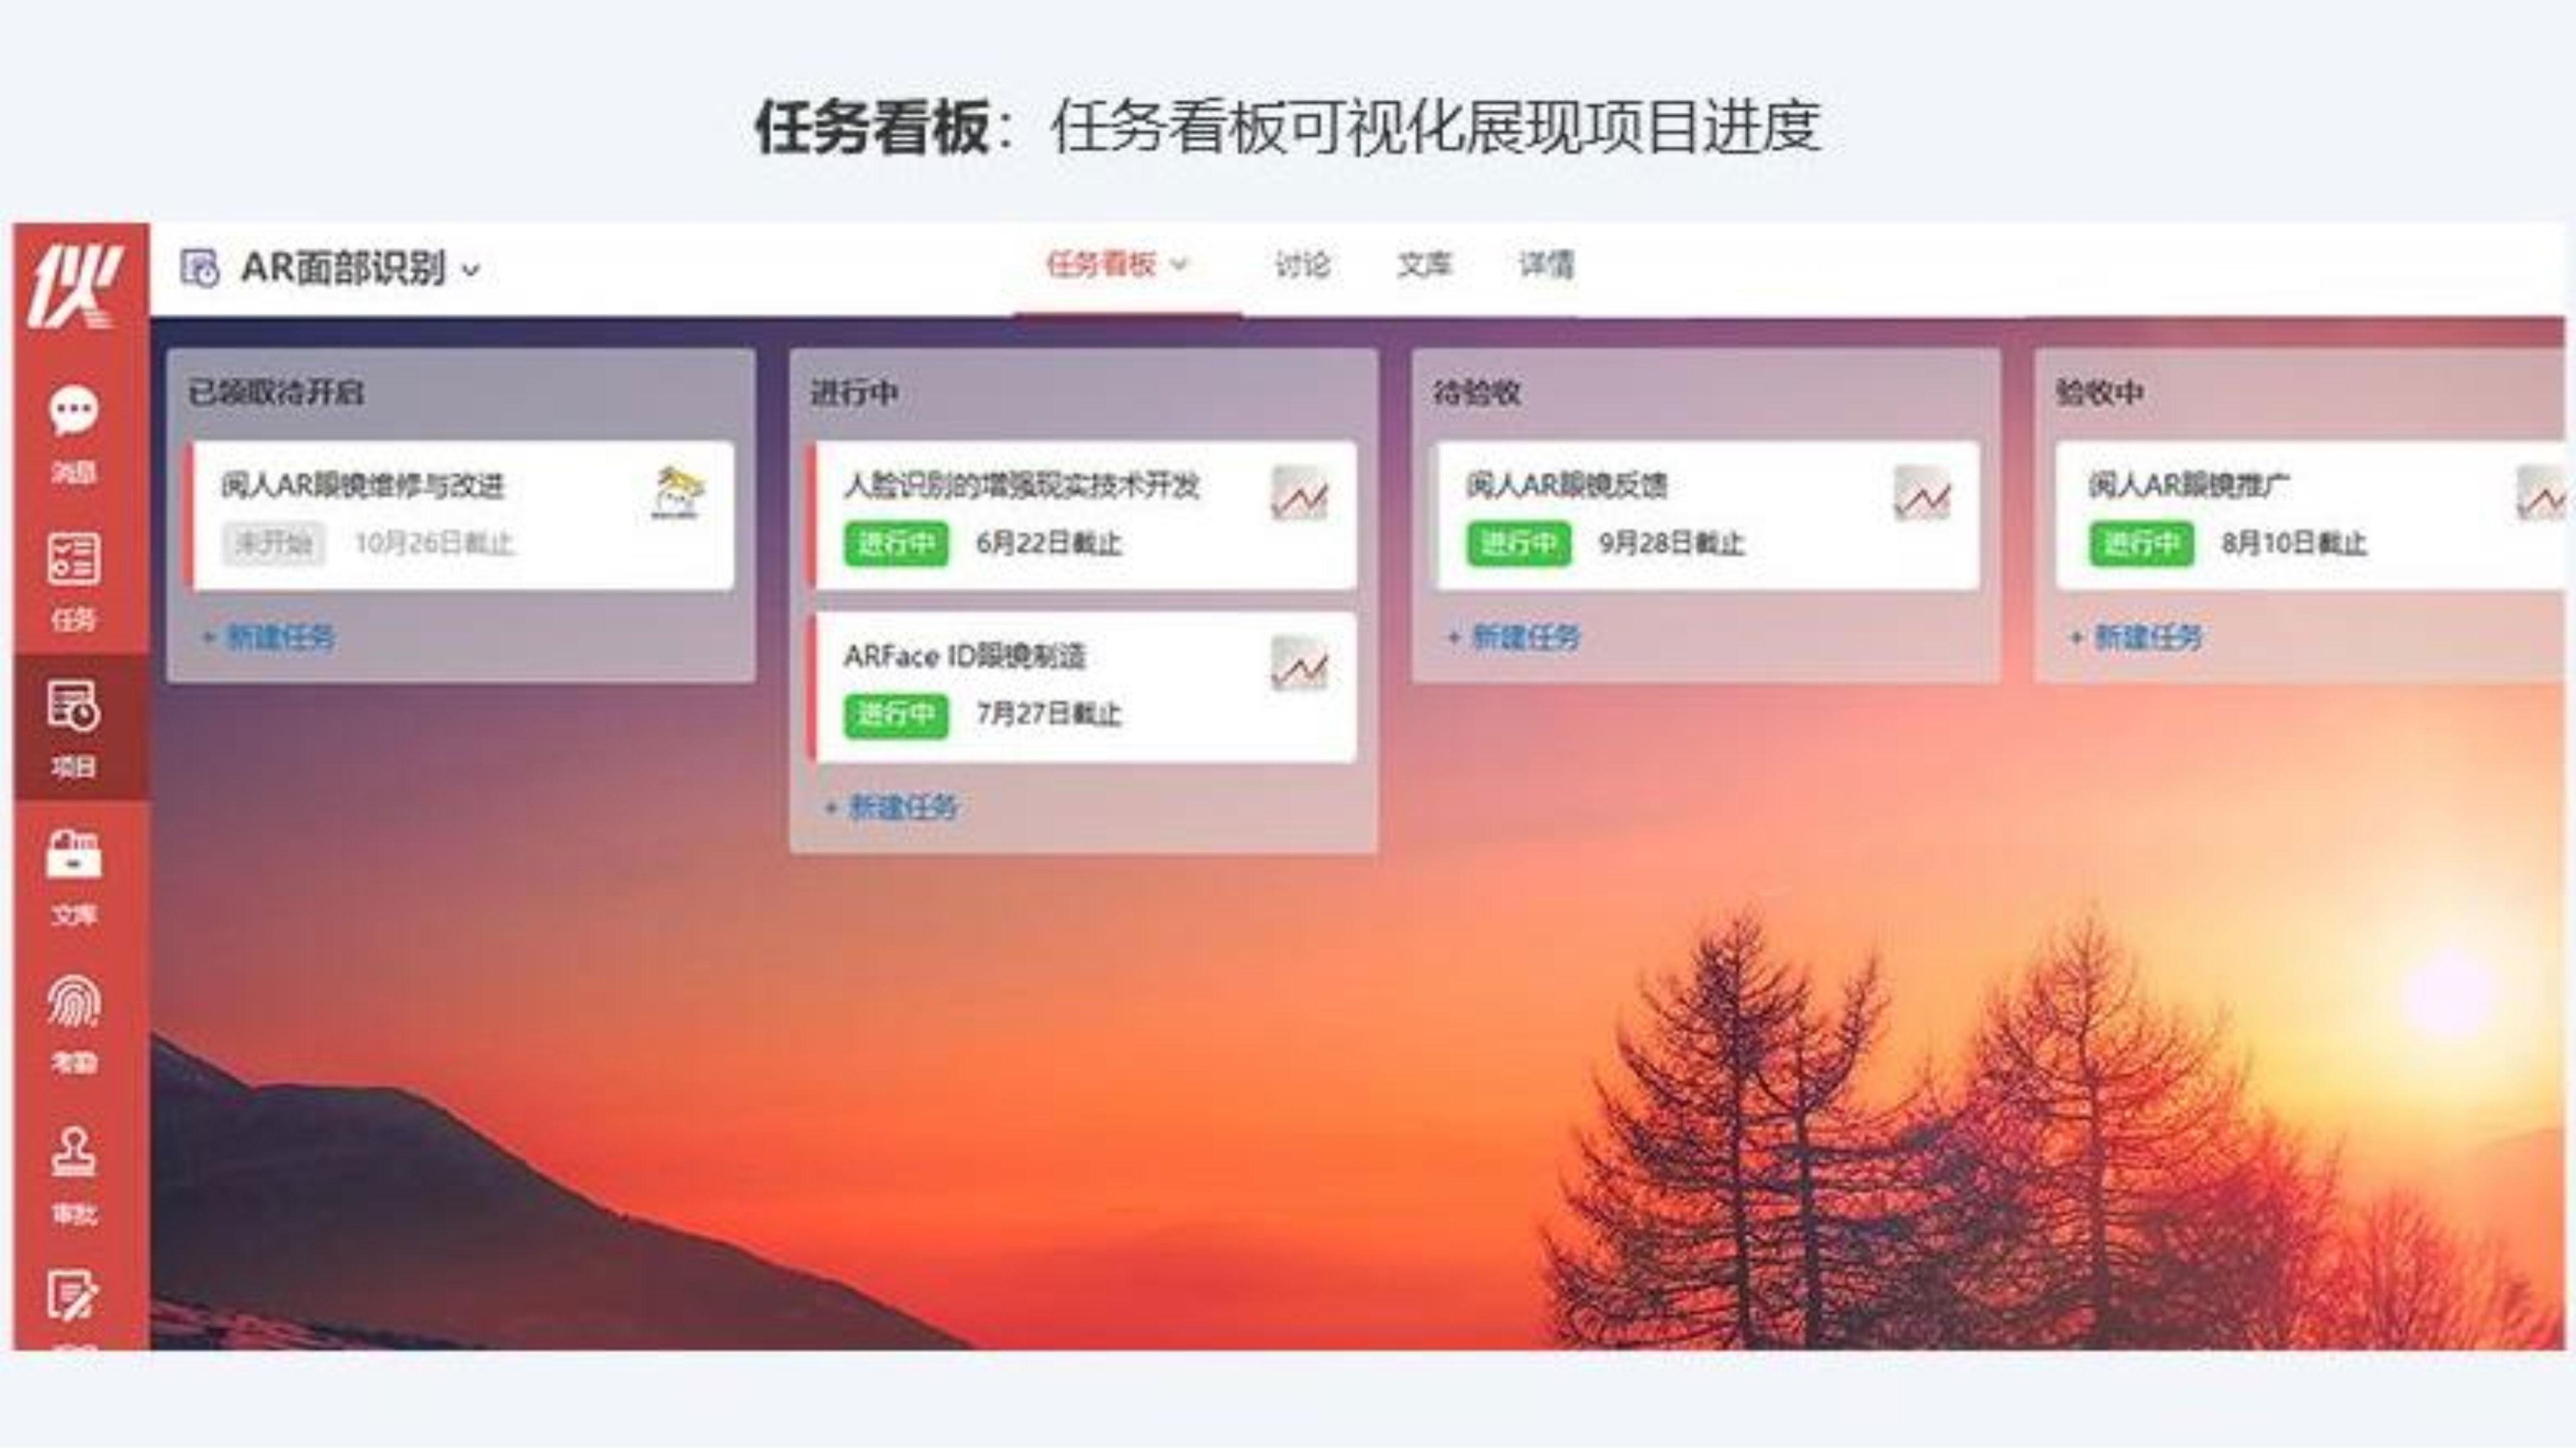 013010545727_0伙伴协同办公平台(1)_3.jpg